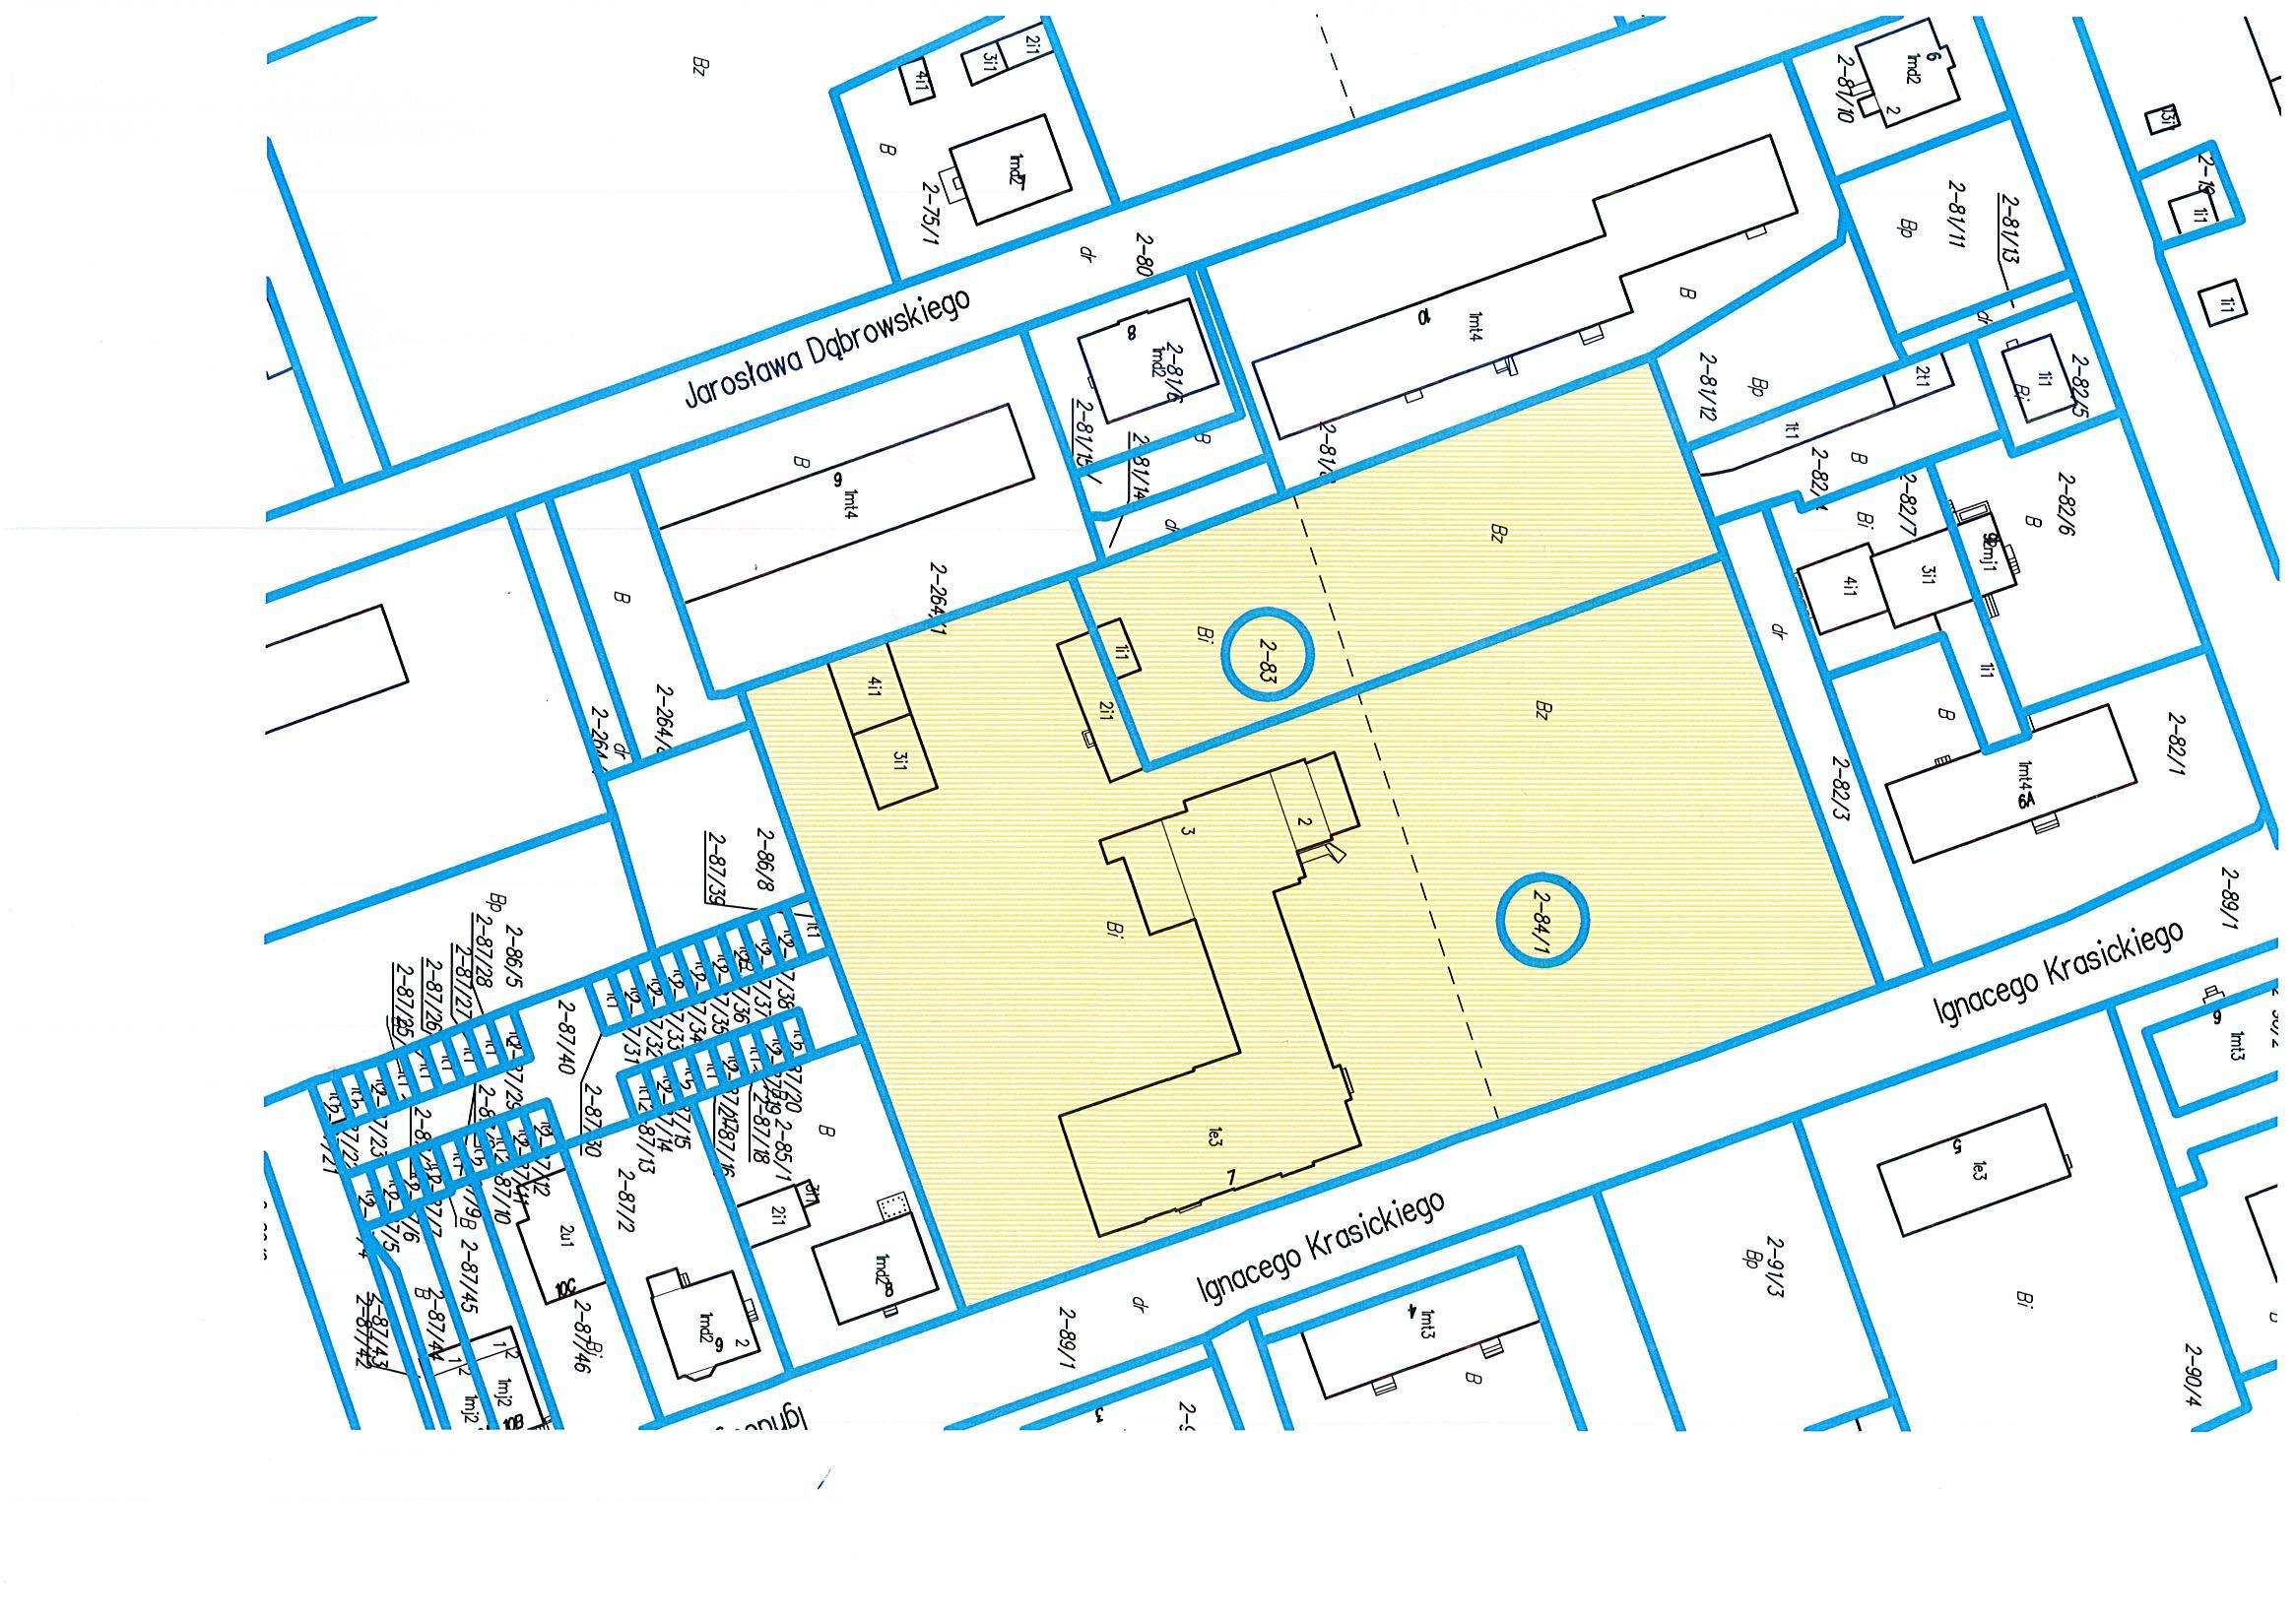 Zdjęcie przedstawia mapkę geodezyjną ilustrującą nieruchomość gruntową wraz zabudowaniem (kolor żółty) przeznaczoną na sprzedaż